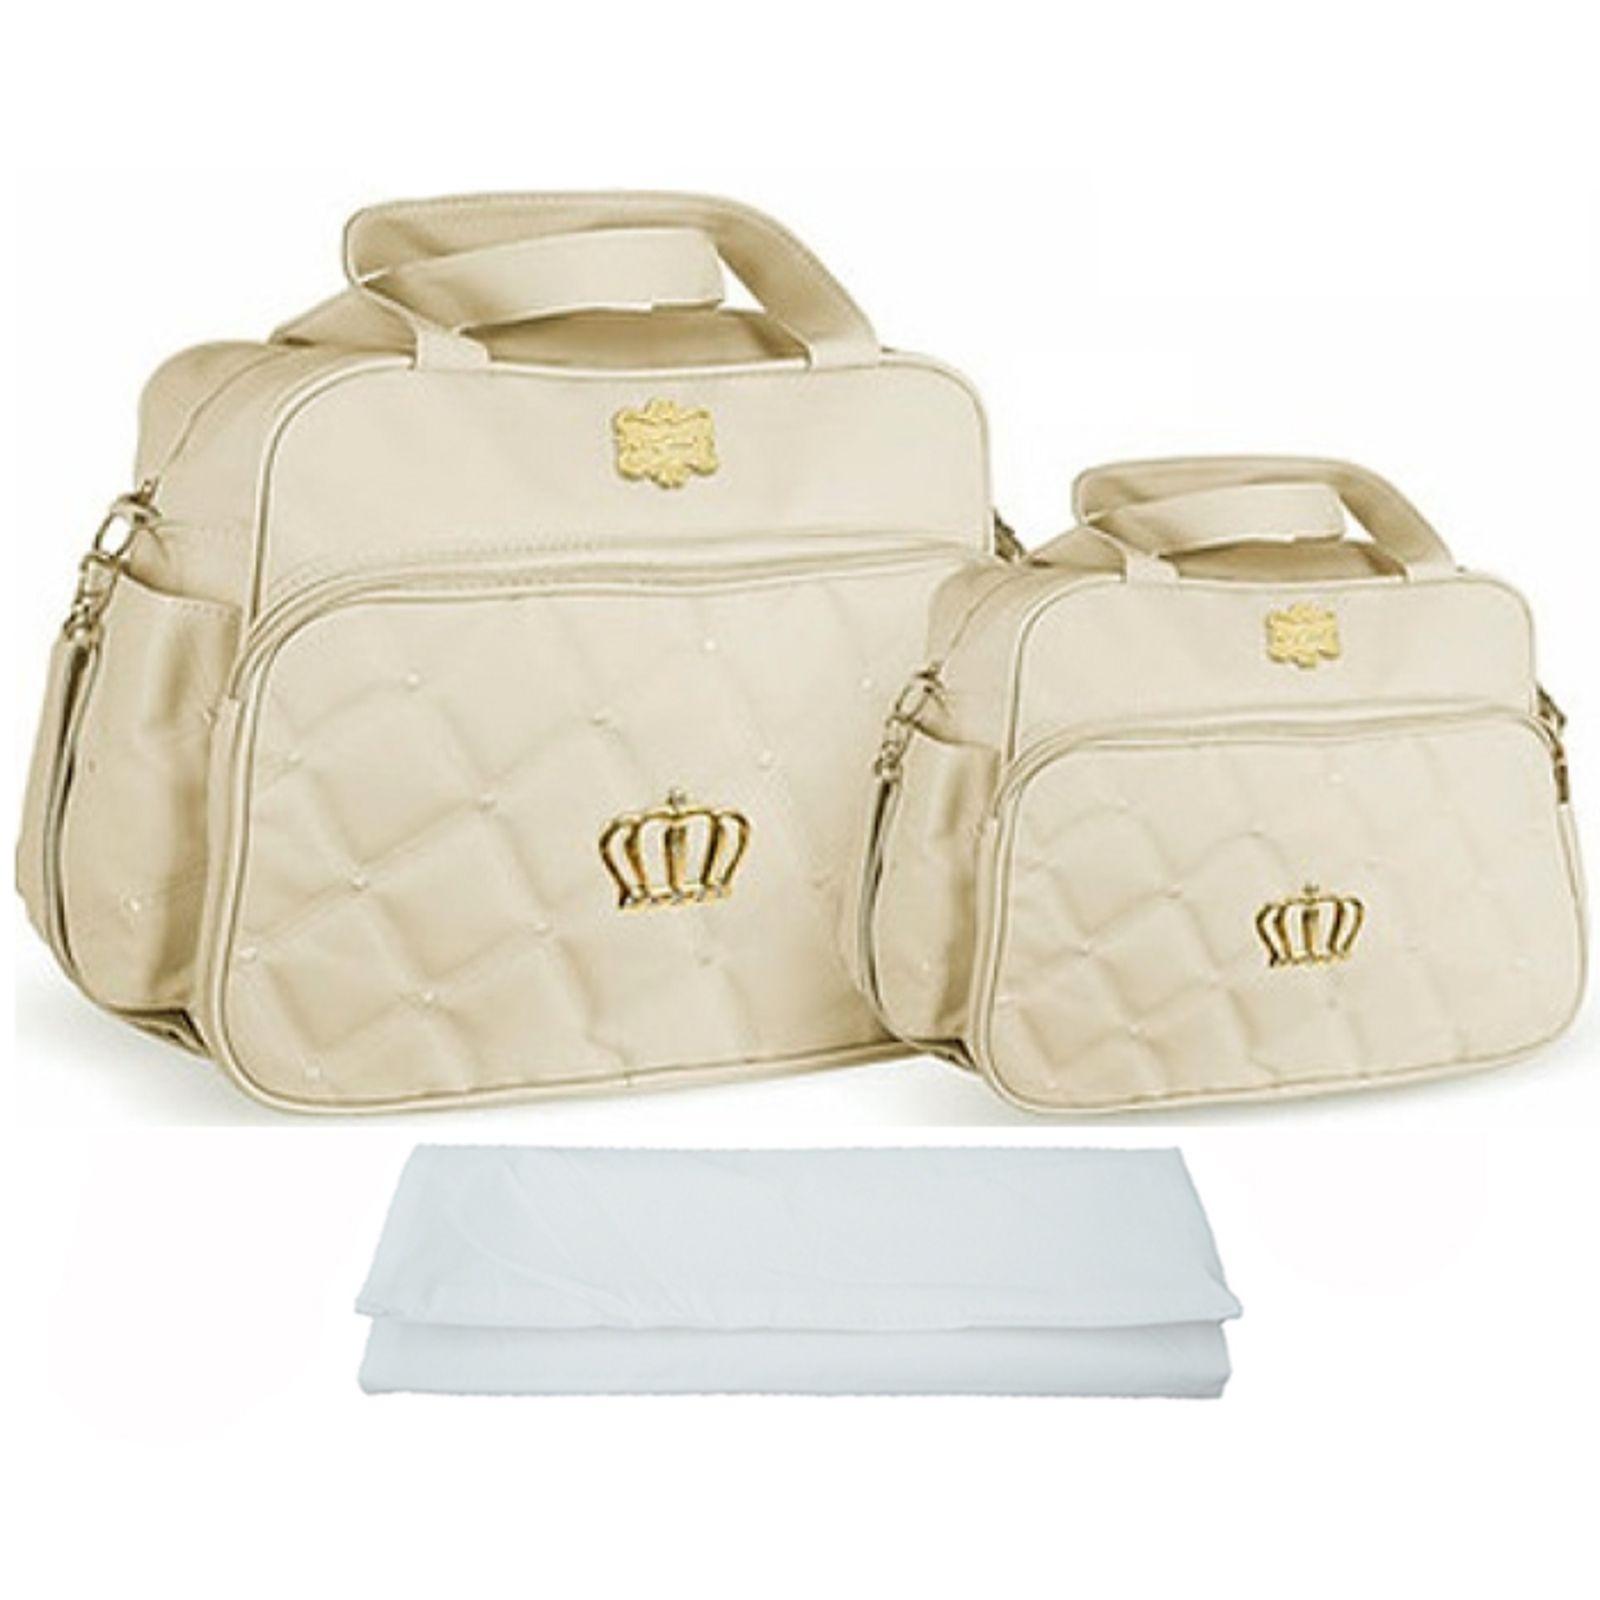 Venha conhecer nossa coleção de bolsas, mochilas e malas